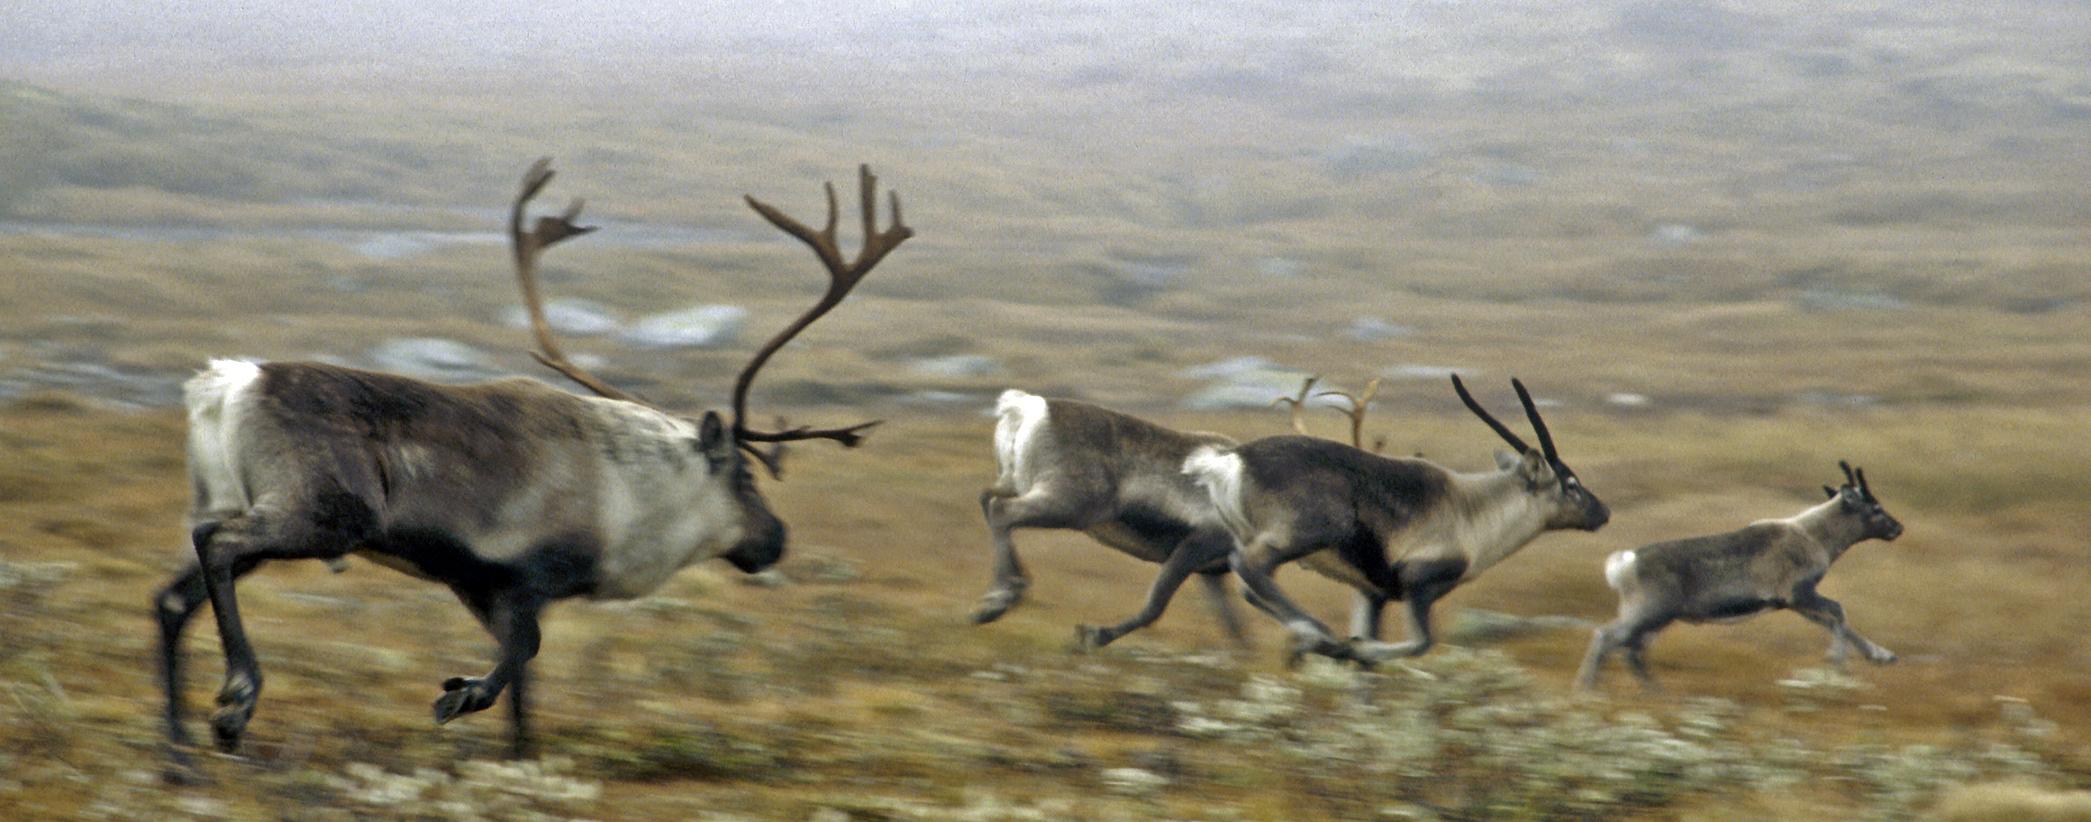 308 søkere har fått tildelt villreinjakt av fjellstyrene i Oppland inkl. Sunndal. Foto: A. Nyaas